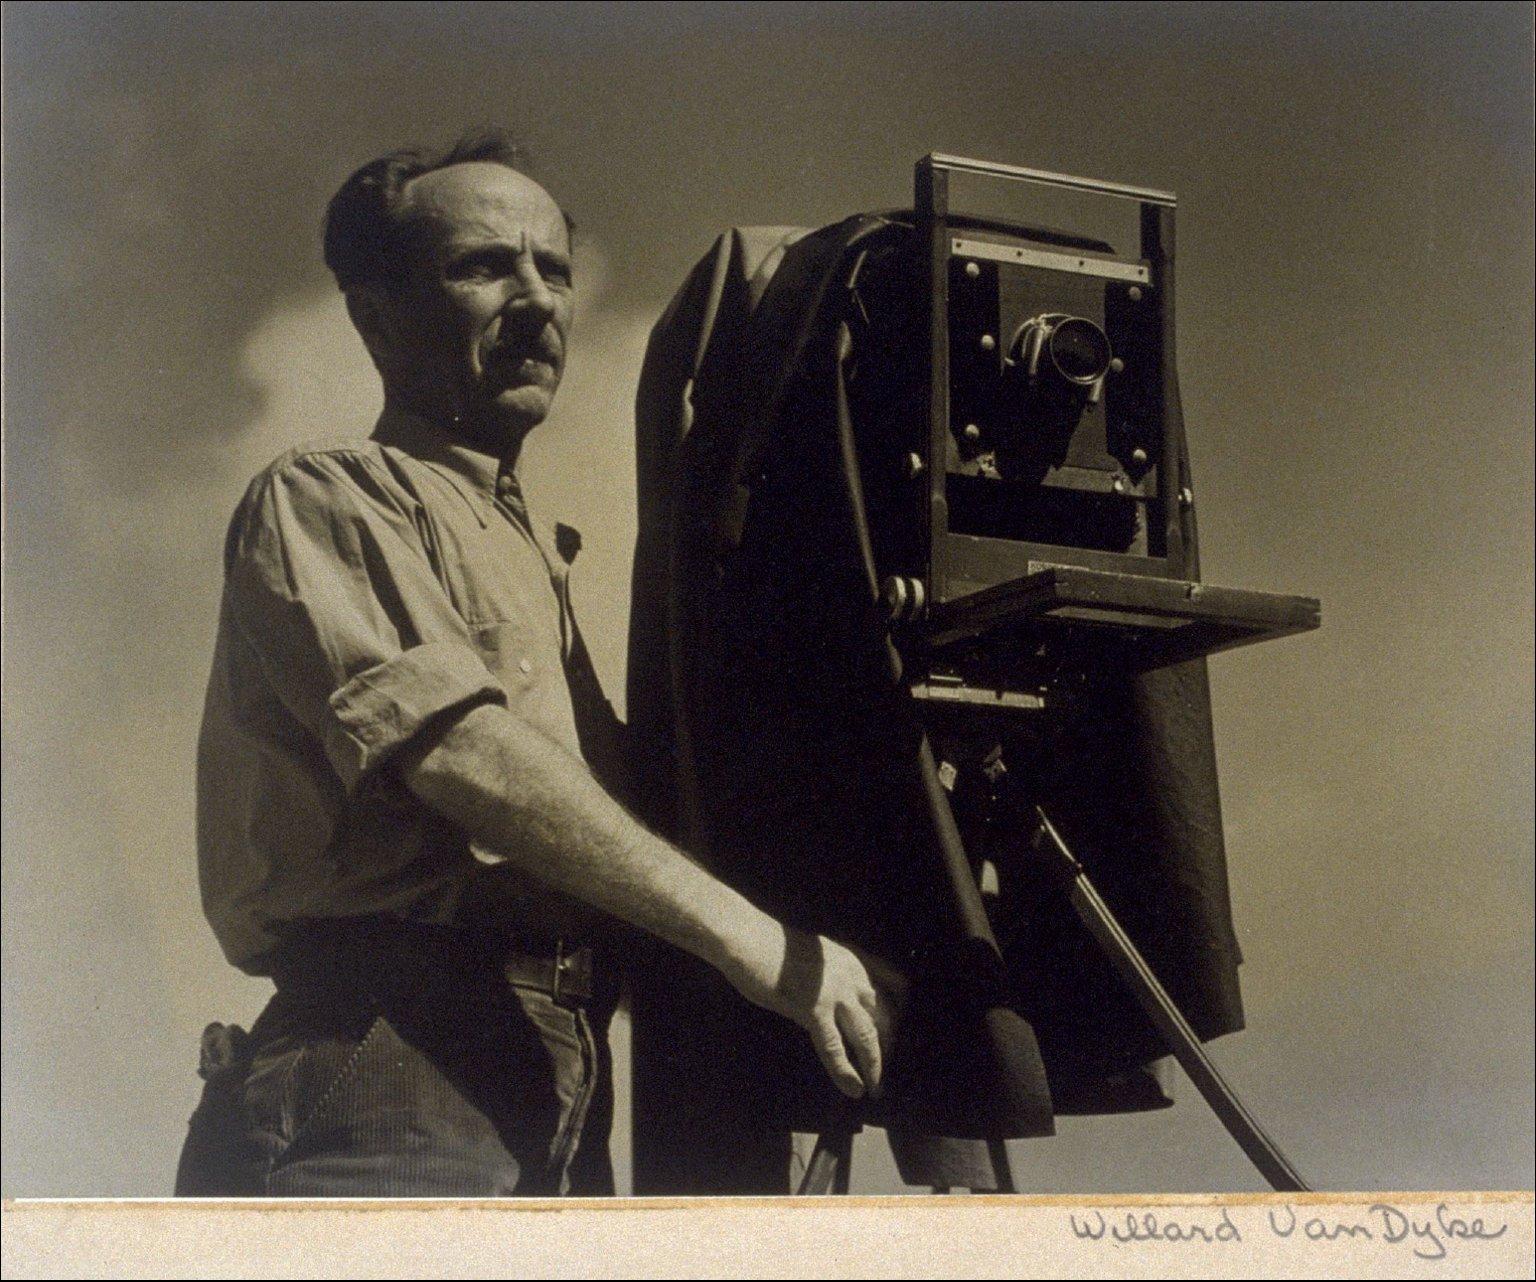 Willard-Van-Dyke-Portrait-of-Edward-Weston-1932-painting-artwork-print.jpg